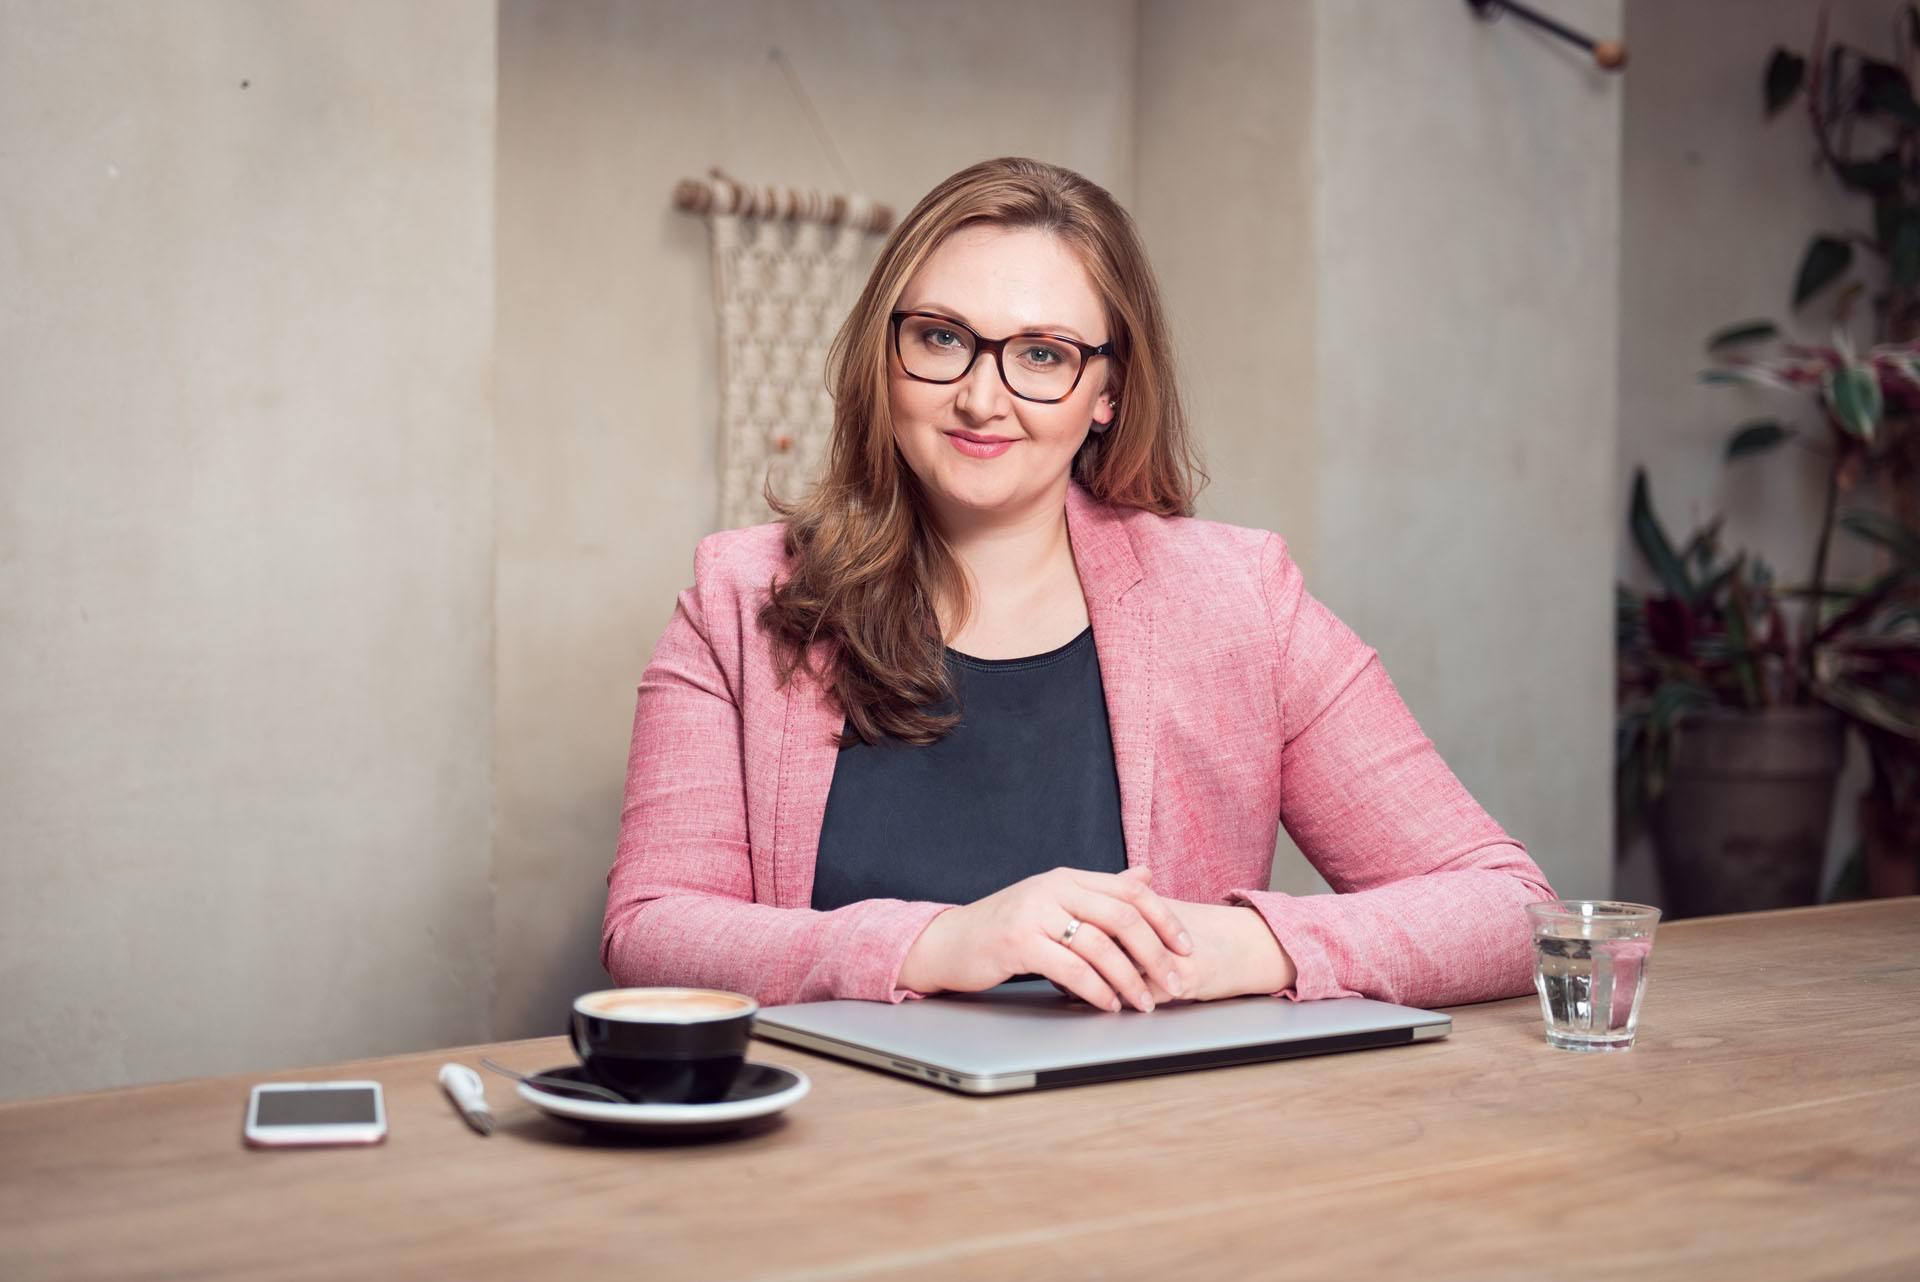 Eine junge Frau im rosa Blazer sitzt mit Laptop und Kaffeetasse in einem hippen Berliner Cafe und lächelt in die Kamera